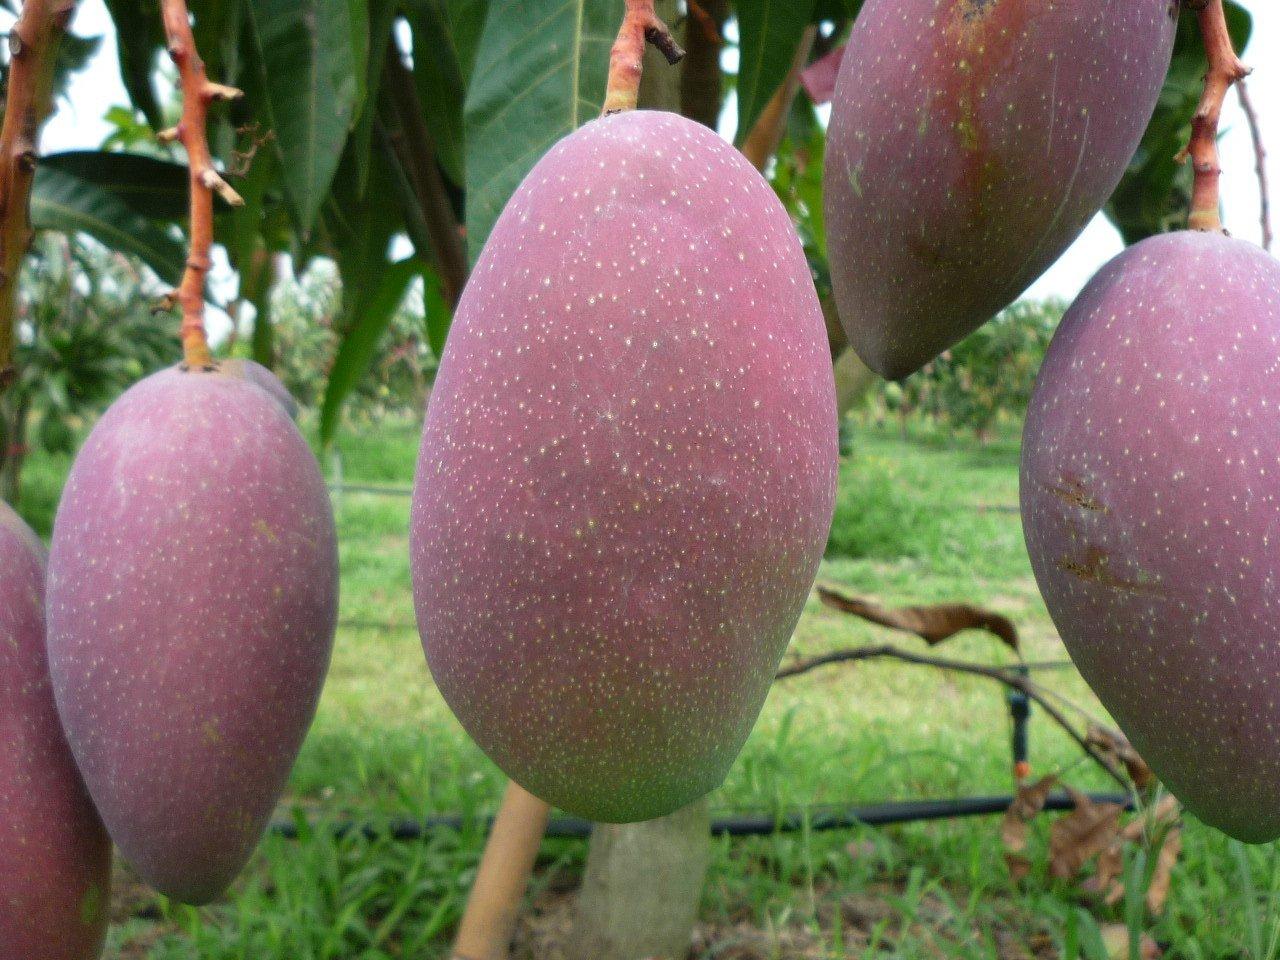 結合金煌和愛文特色的玉文。 圖/台南區農改場提供